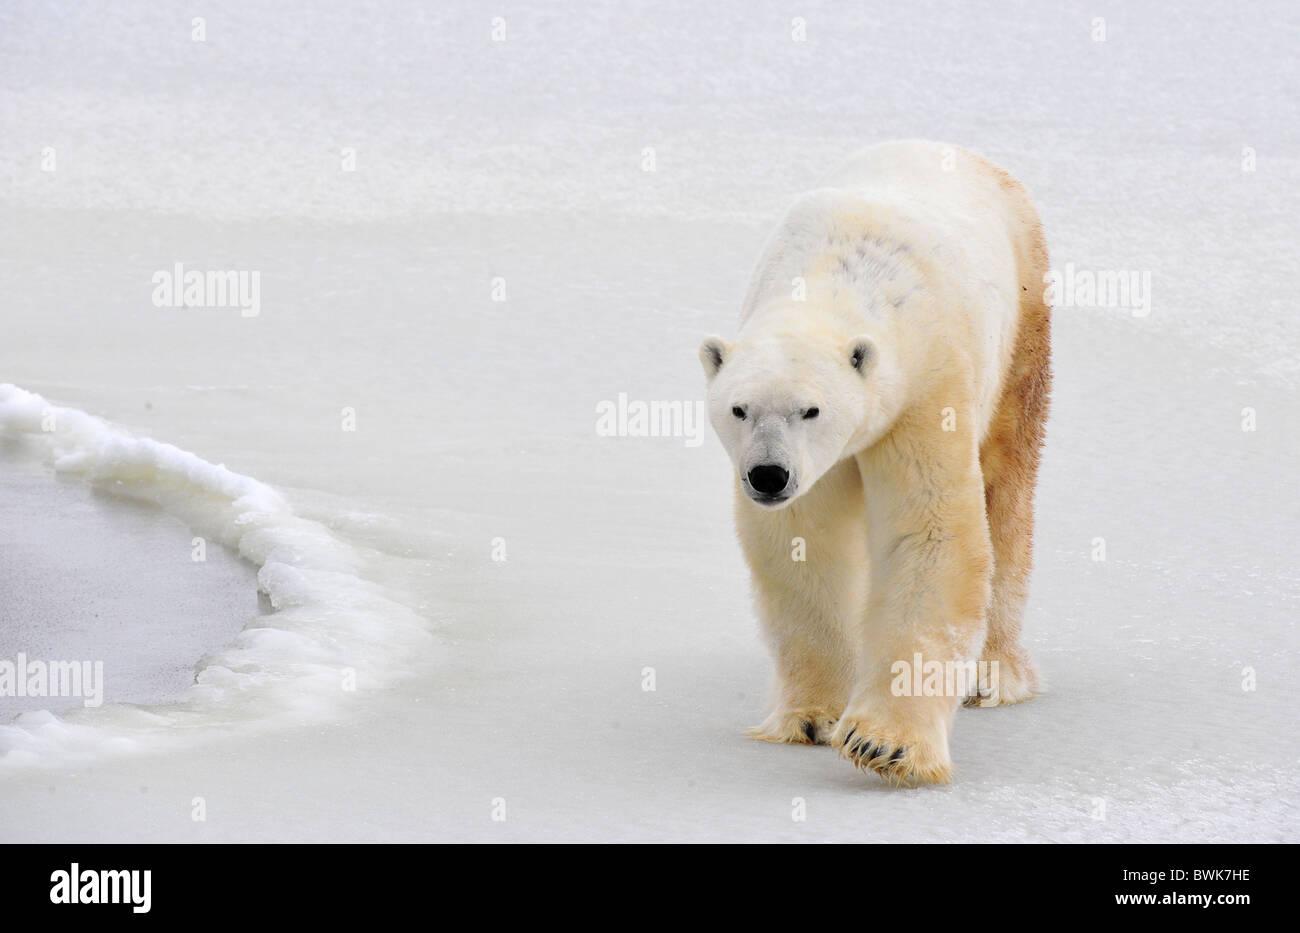 Orso polare in un habitat naturale. Neve. La brina. L'inverno. Foto Stock